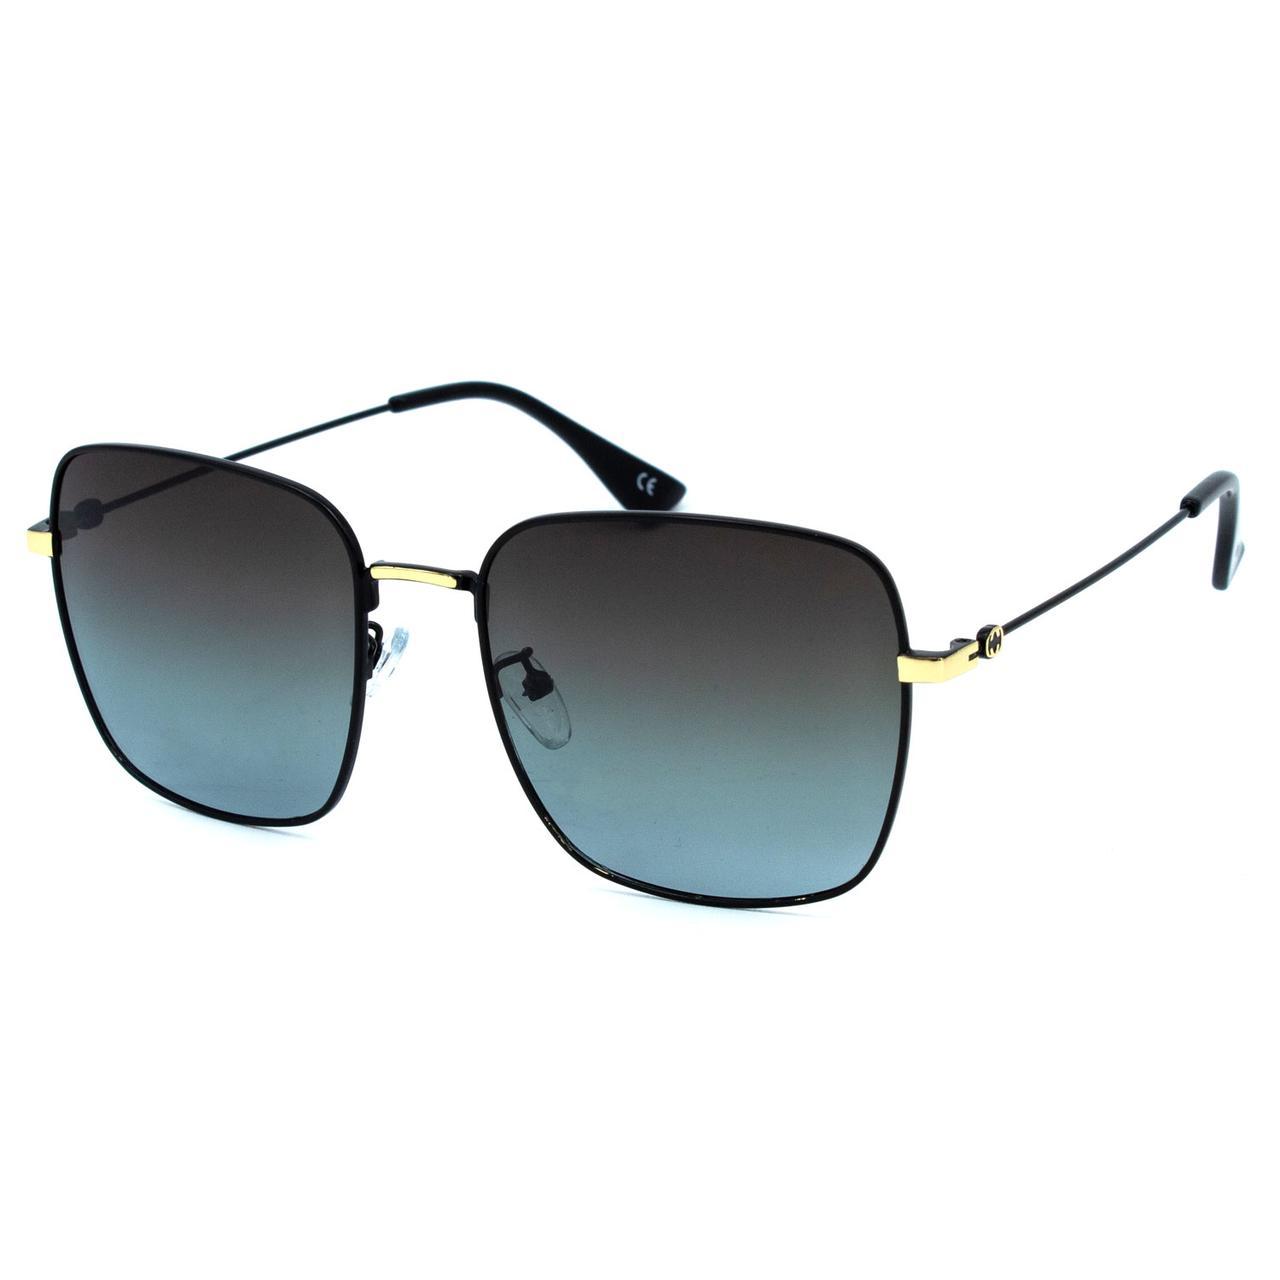 Сонцезахисні окуляри Marmilen Polar 72005 C3 чорні з синім ( 72005-03 )